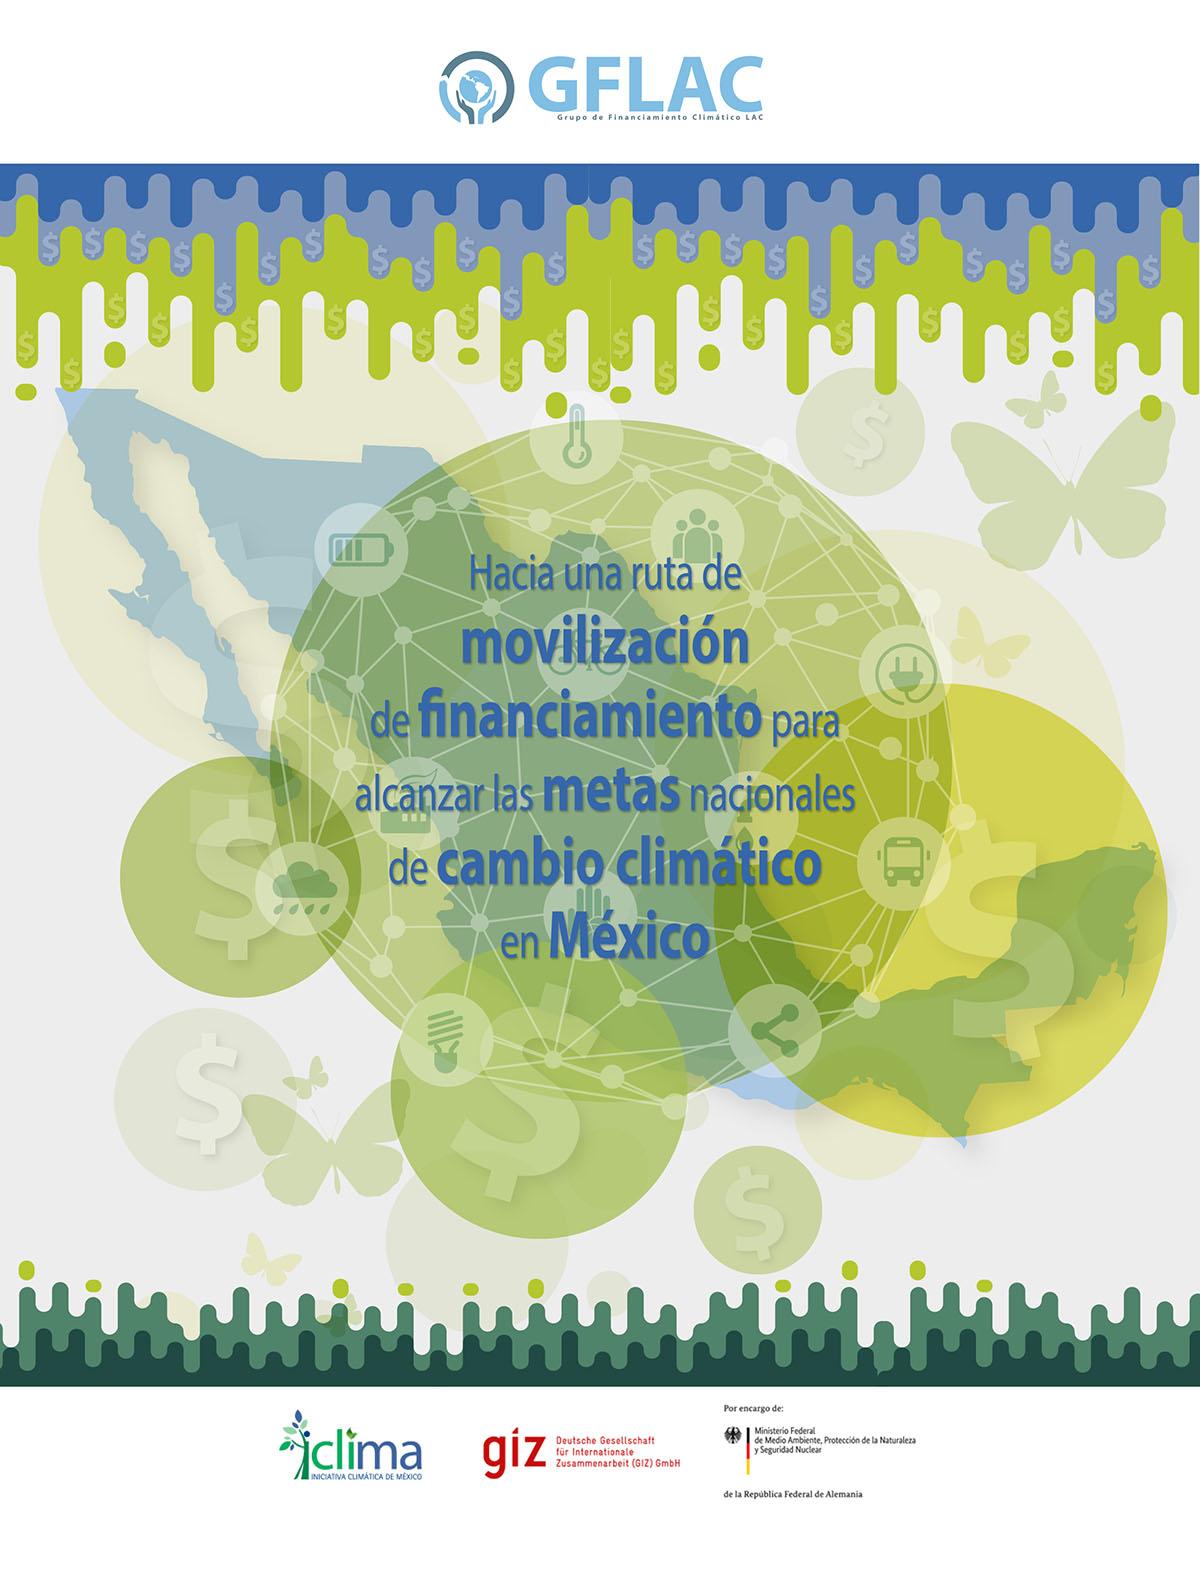 Hacia una ruta de movilización de financiamiento para alcanzar las metas nacionales de cambio climático en México